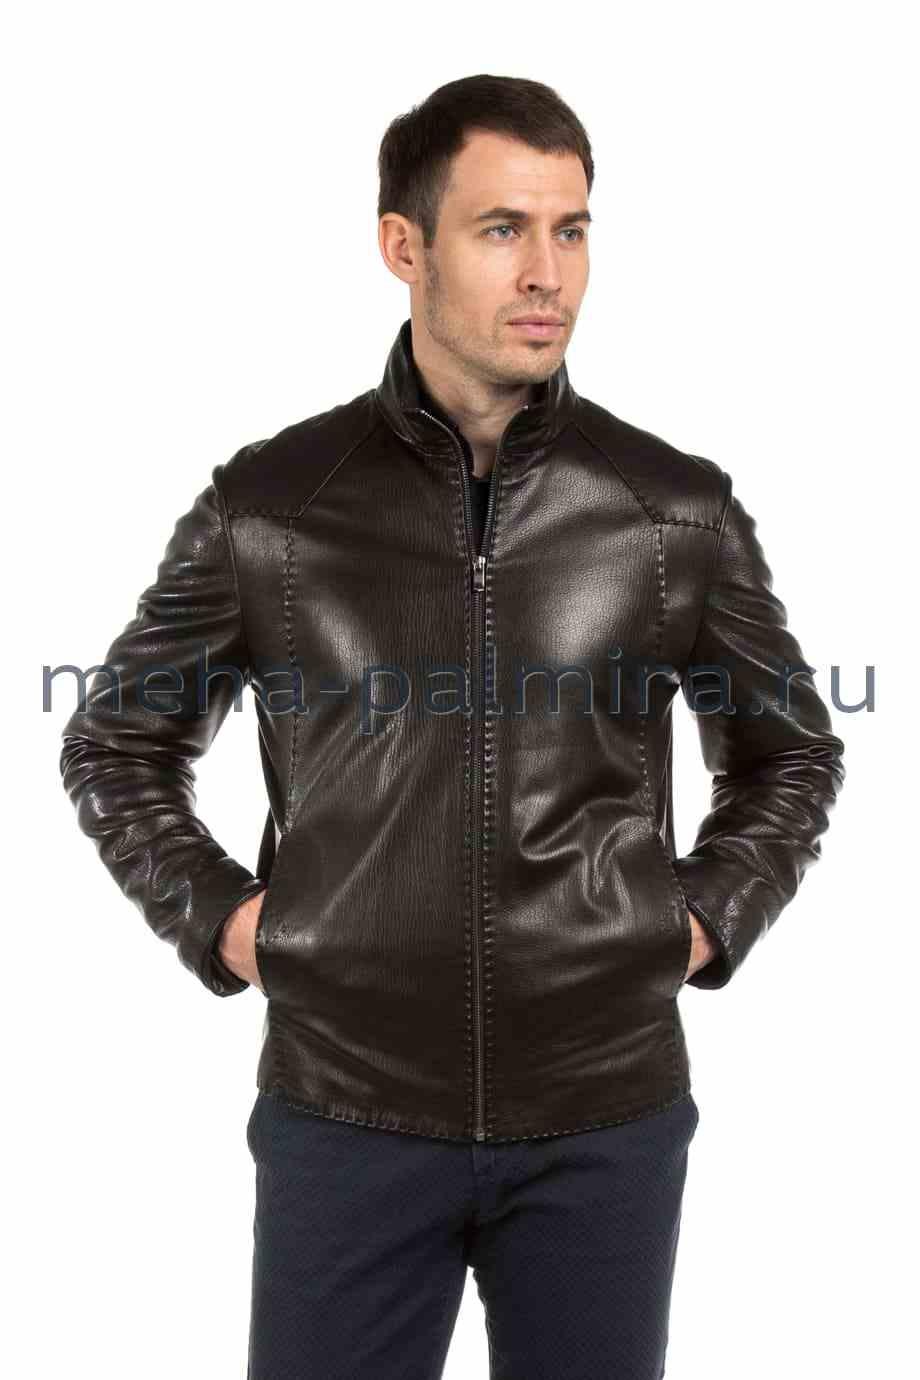 Куртки Кожаные Мужские Итальянские Купить В